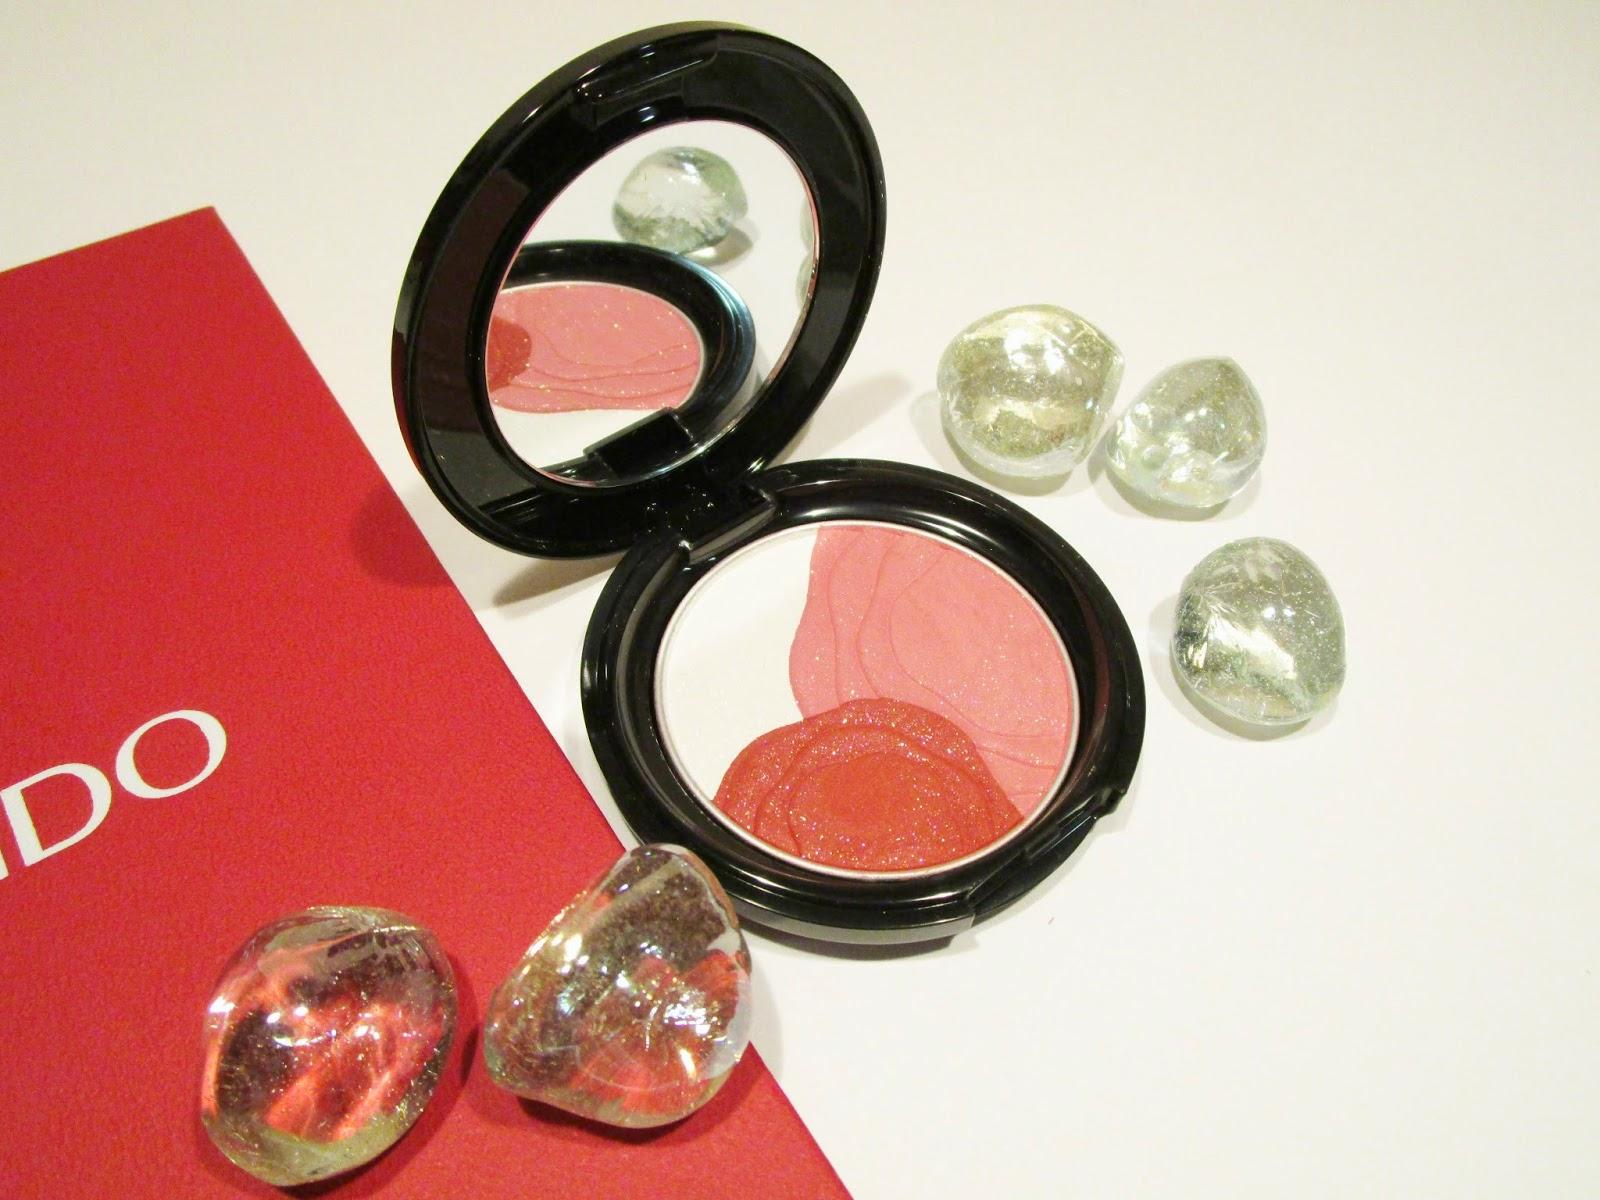 Camellia Compact de Shiseido